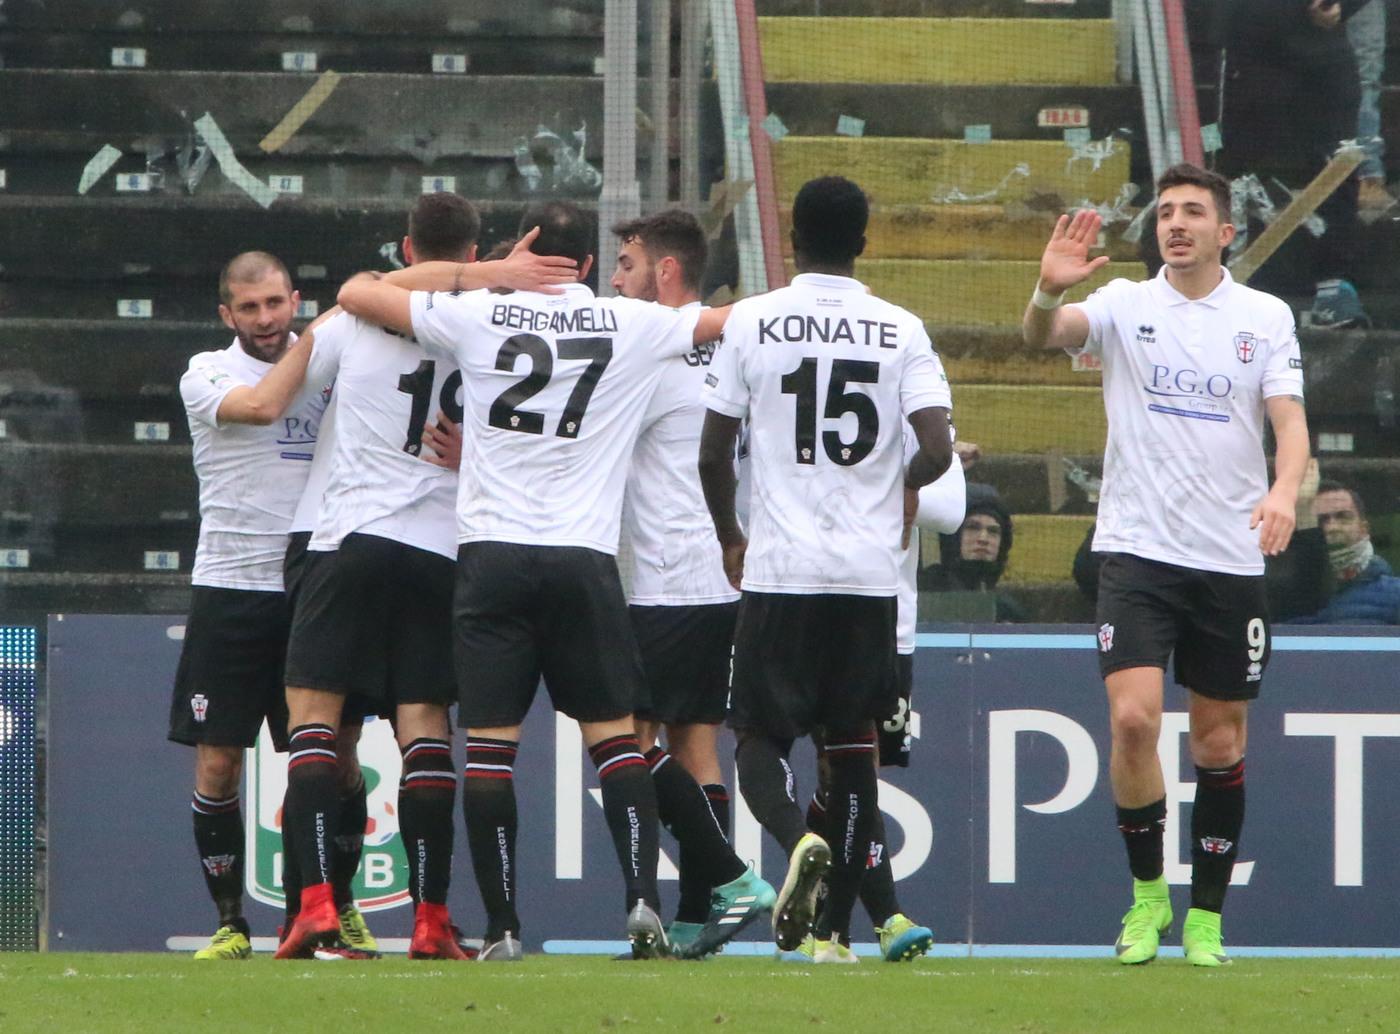 Coppa Italia C, Pro Vercelli-Alessandria mercoledì 14 novembre: analisi e pronostico dei 16esimi della manifestazione italiana